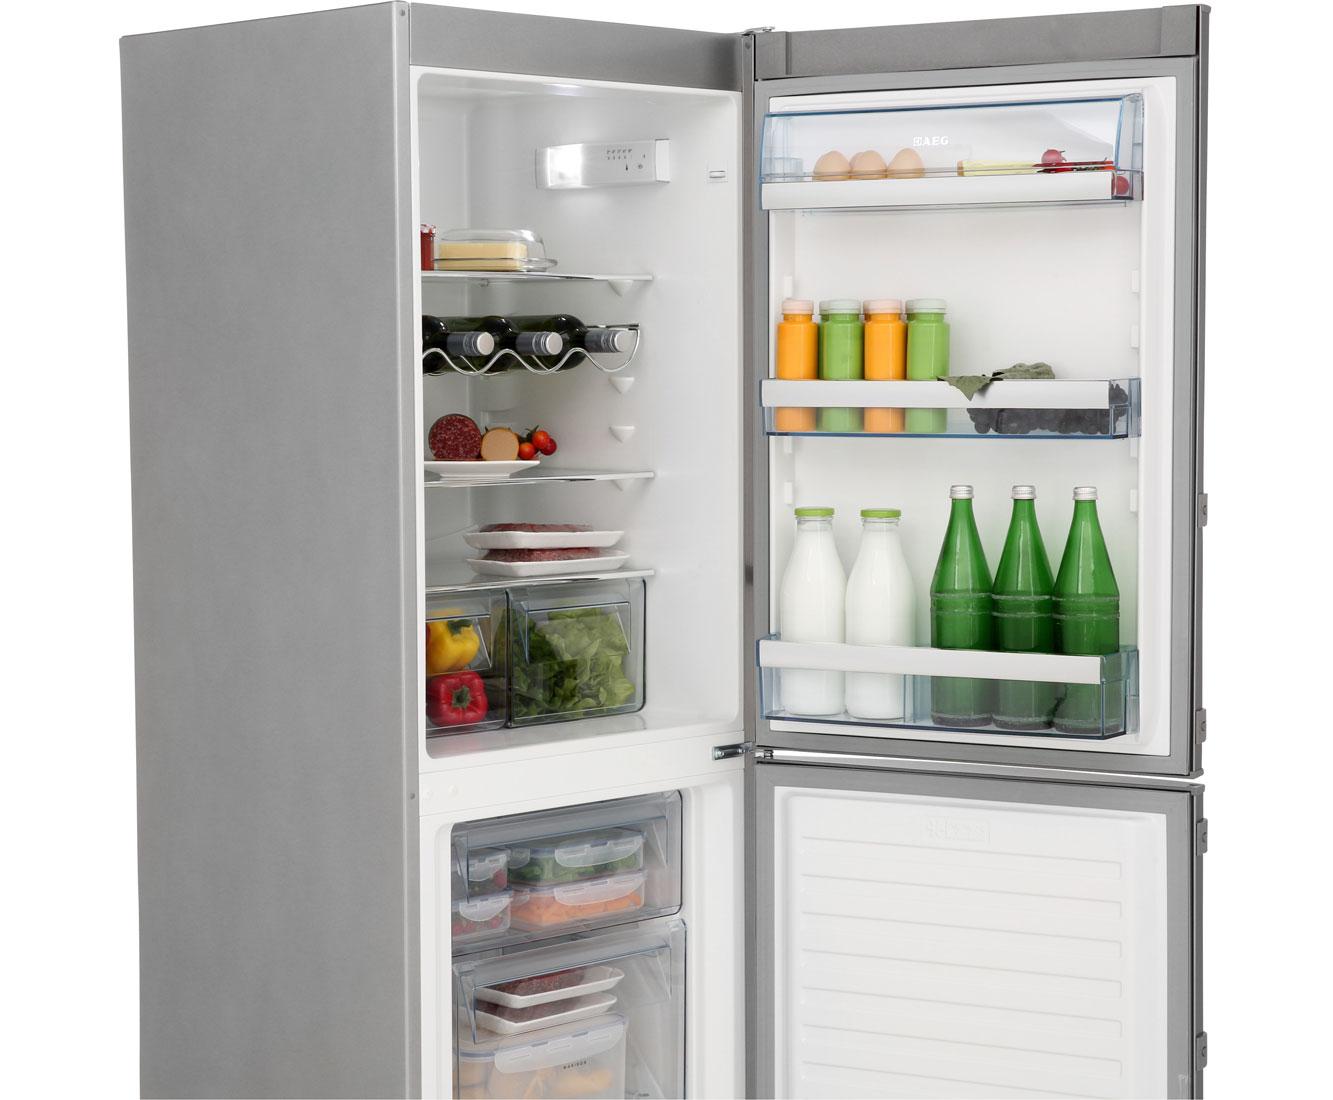 Aeg Kühlschrank Laut : Aeg kühlschrank lautstärke: kühlschrank test typen volumen und